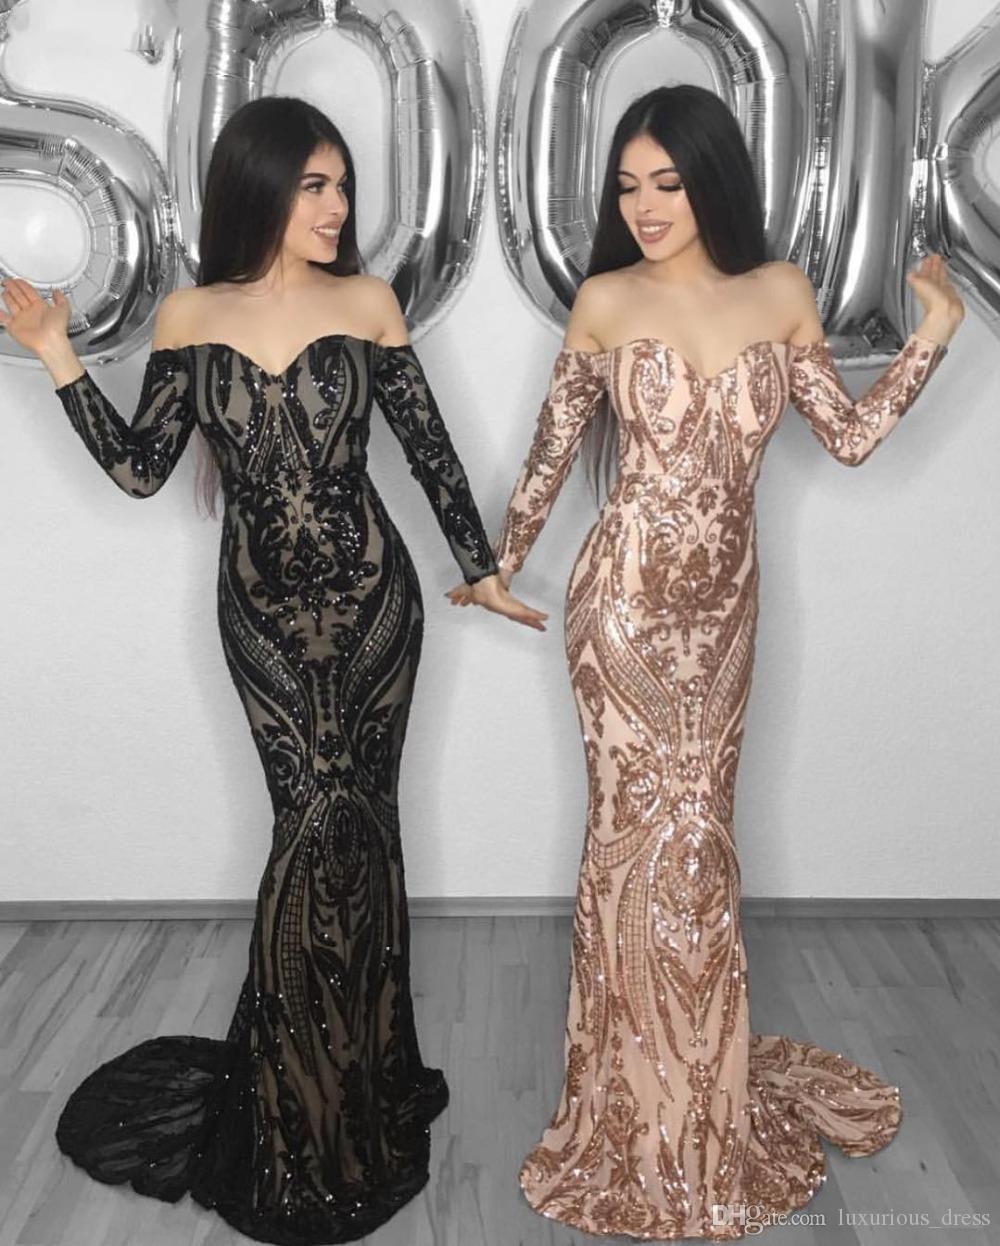 20 Großartig Abend Dress Robe Galerie10 Luxurius Abend Dress Robe Spezialgebiet